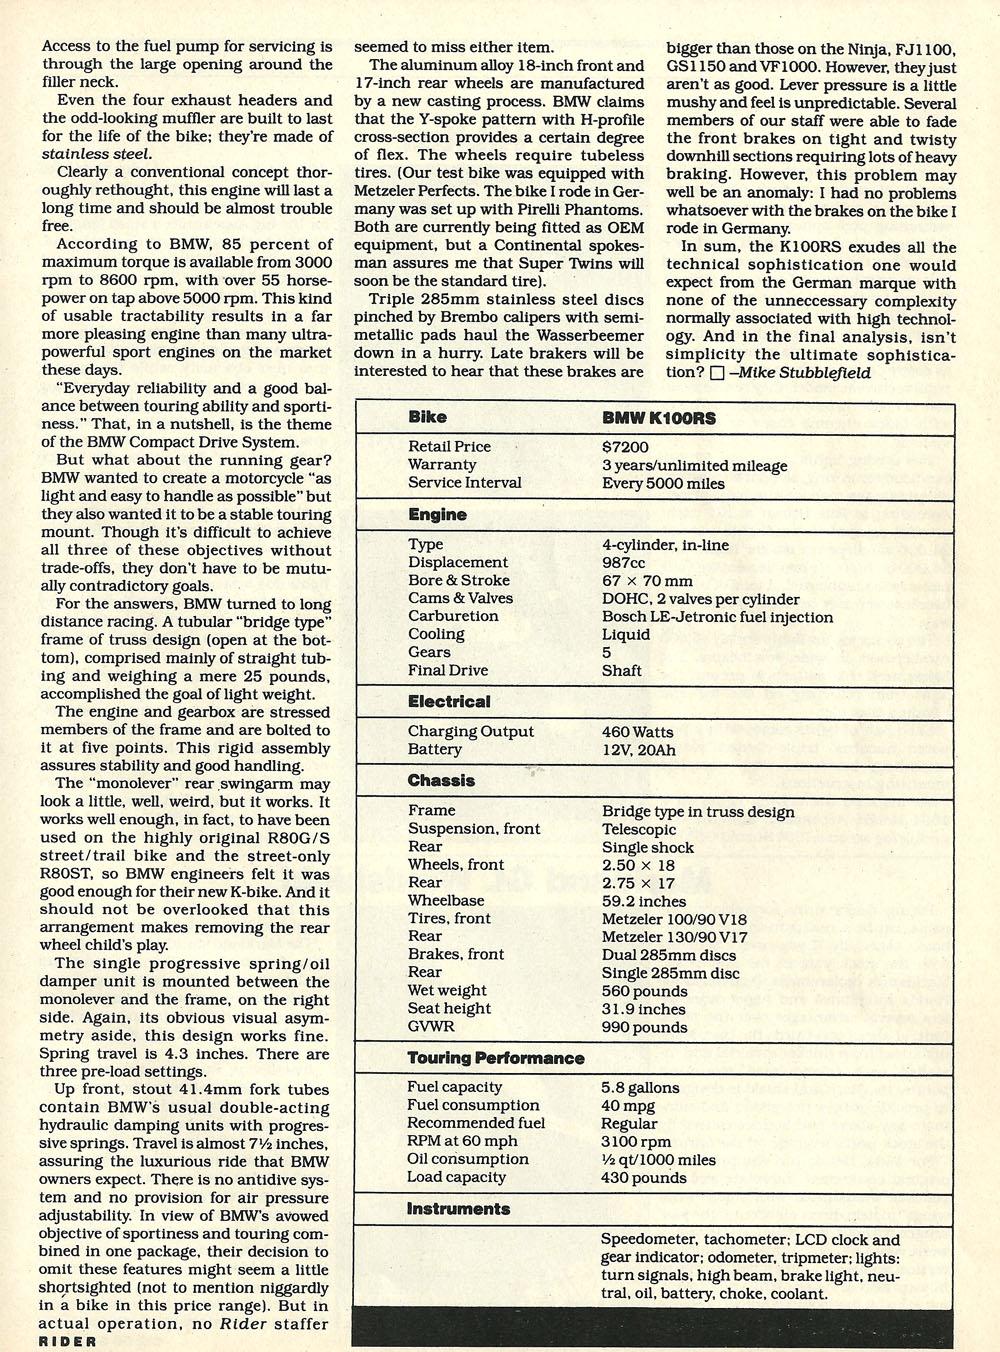 1984 bmw k100rs tech 03.jpg